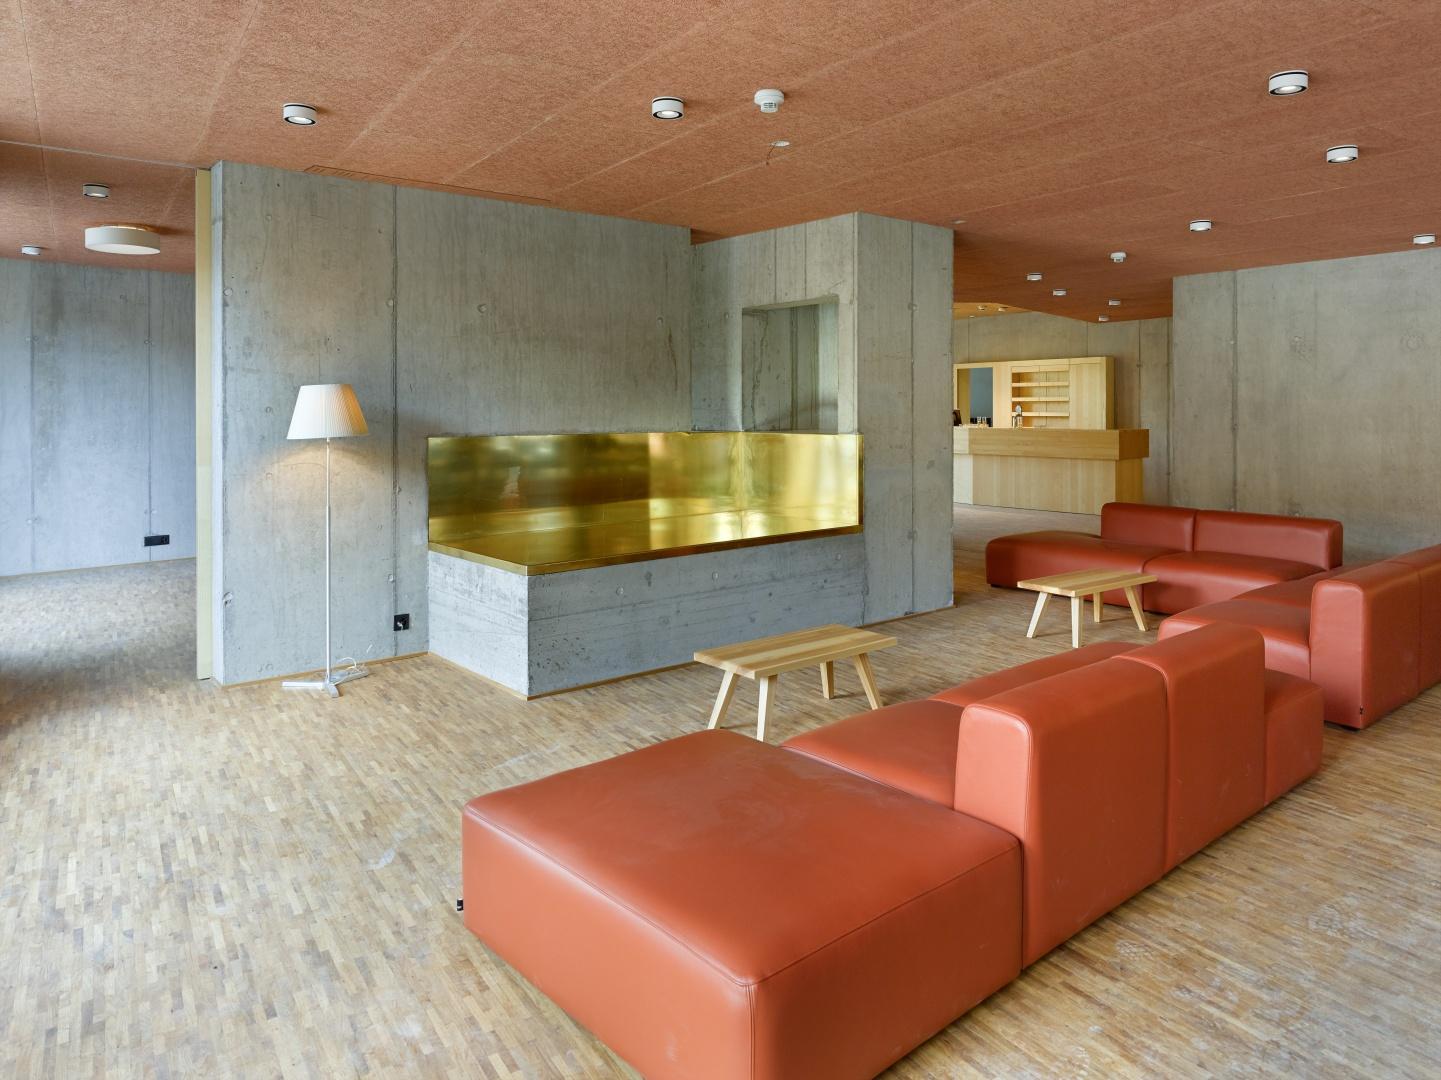 Aufenthaltsbereich / Ofen © Alexander Gempeler, Bern